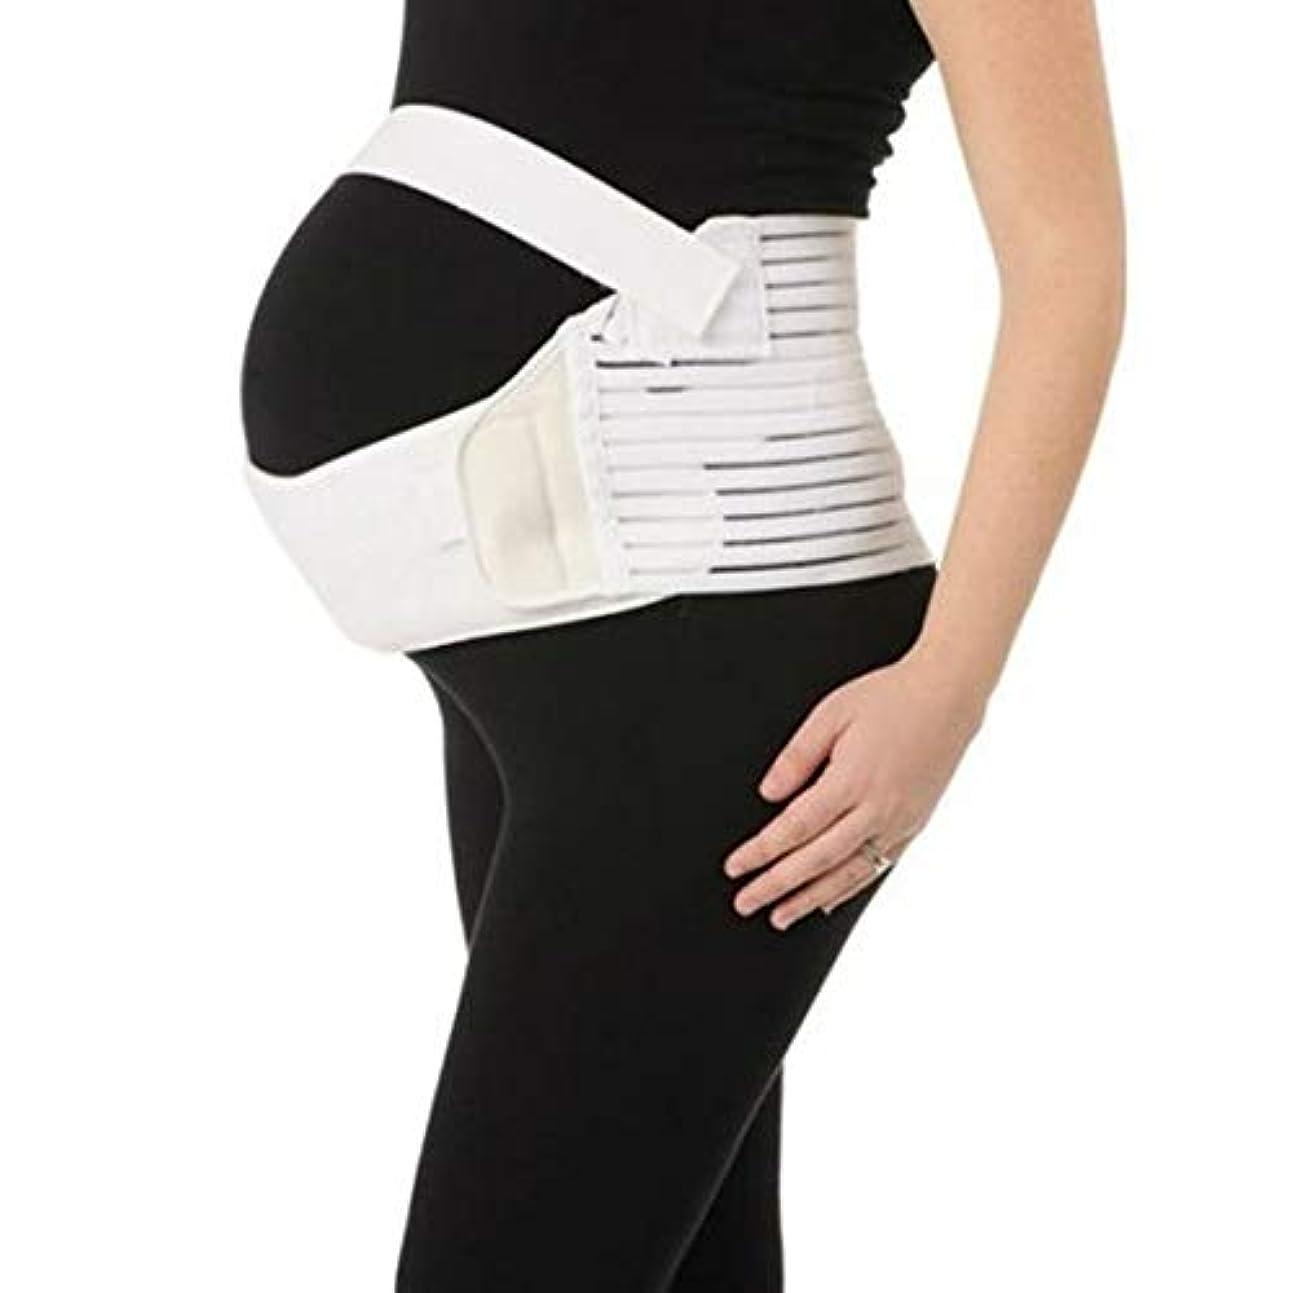 頭痛三角ブル通気性マタニティベルト妊娠腹部サポート腹部バインダーガードル運動包帯産後の回復shapewear - ホワイトL